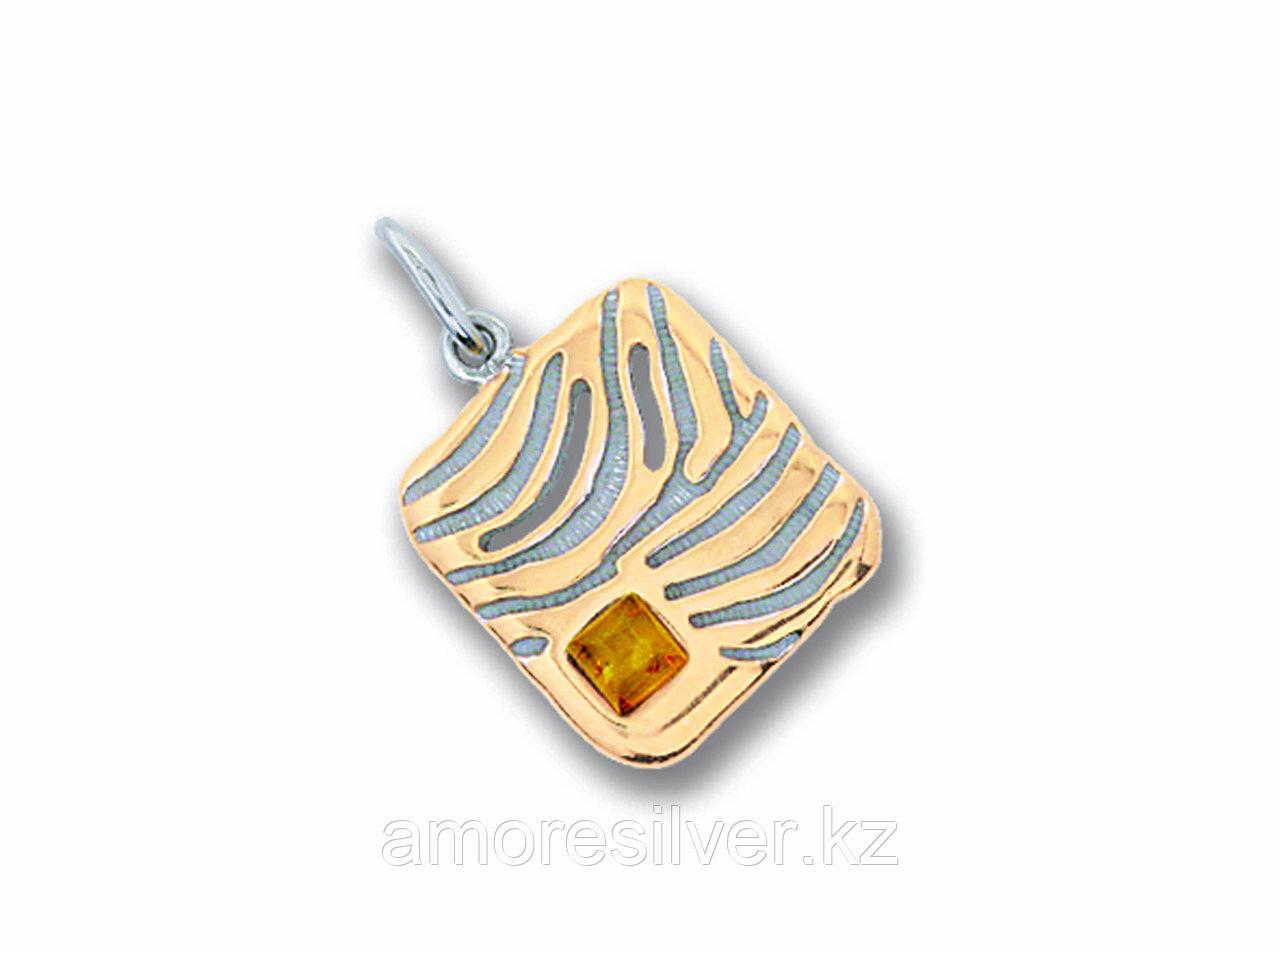 Подвеска Балтийское золото серебро с родием, янтарь 93131080